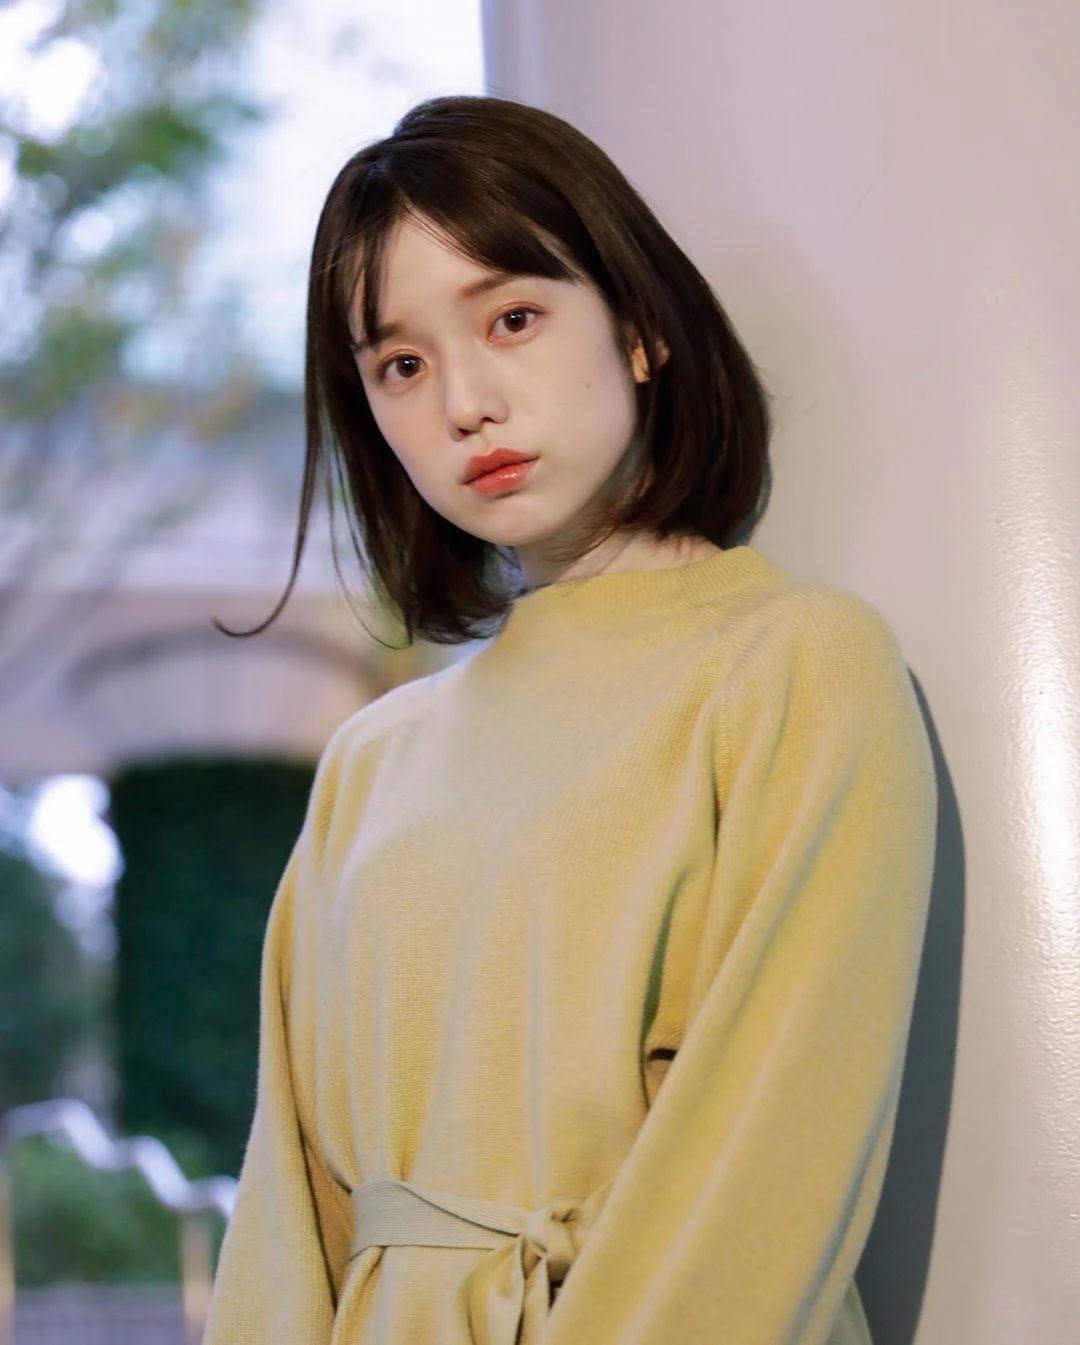 永远一张娃娃脸的棉花糖女孩弘中绫香写真作品 (29)